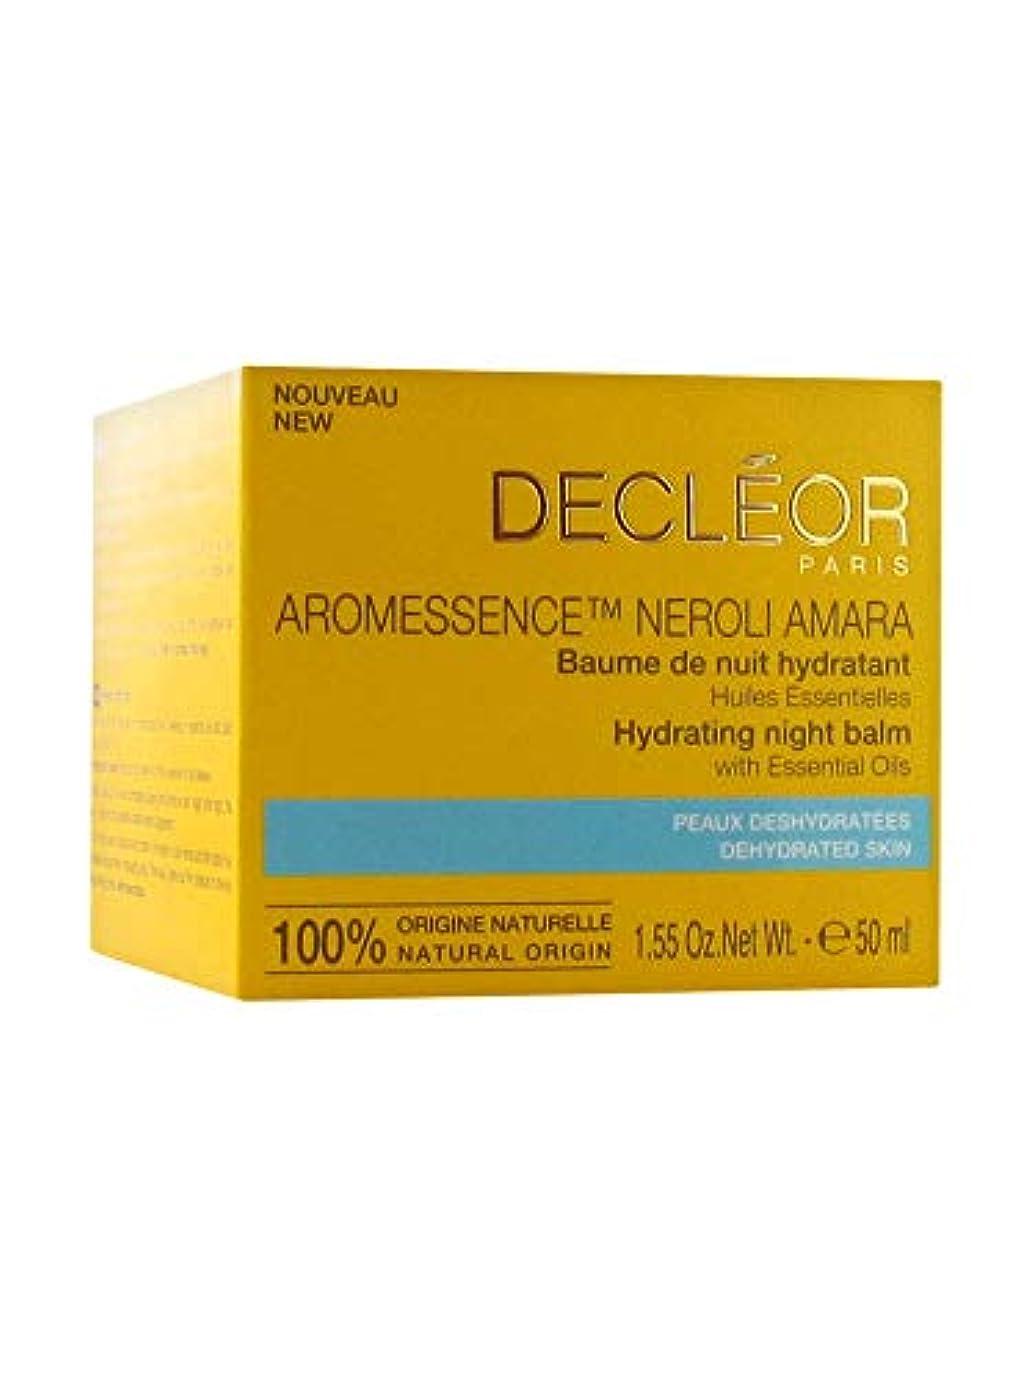 値嵐平日デクレオール Aromessence Neroli Amara Hydrating Night Balm - For Dehydrated Skin 50ml/1.55oz並行輸入品